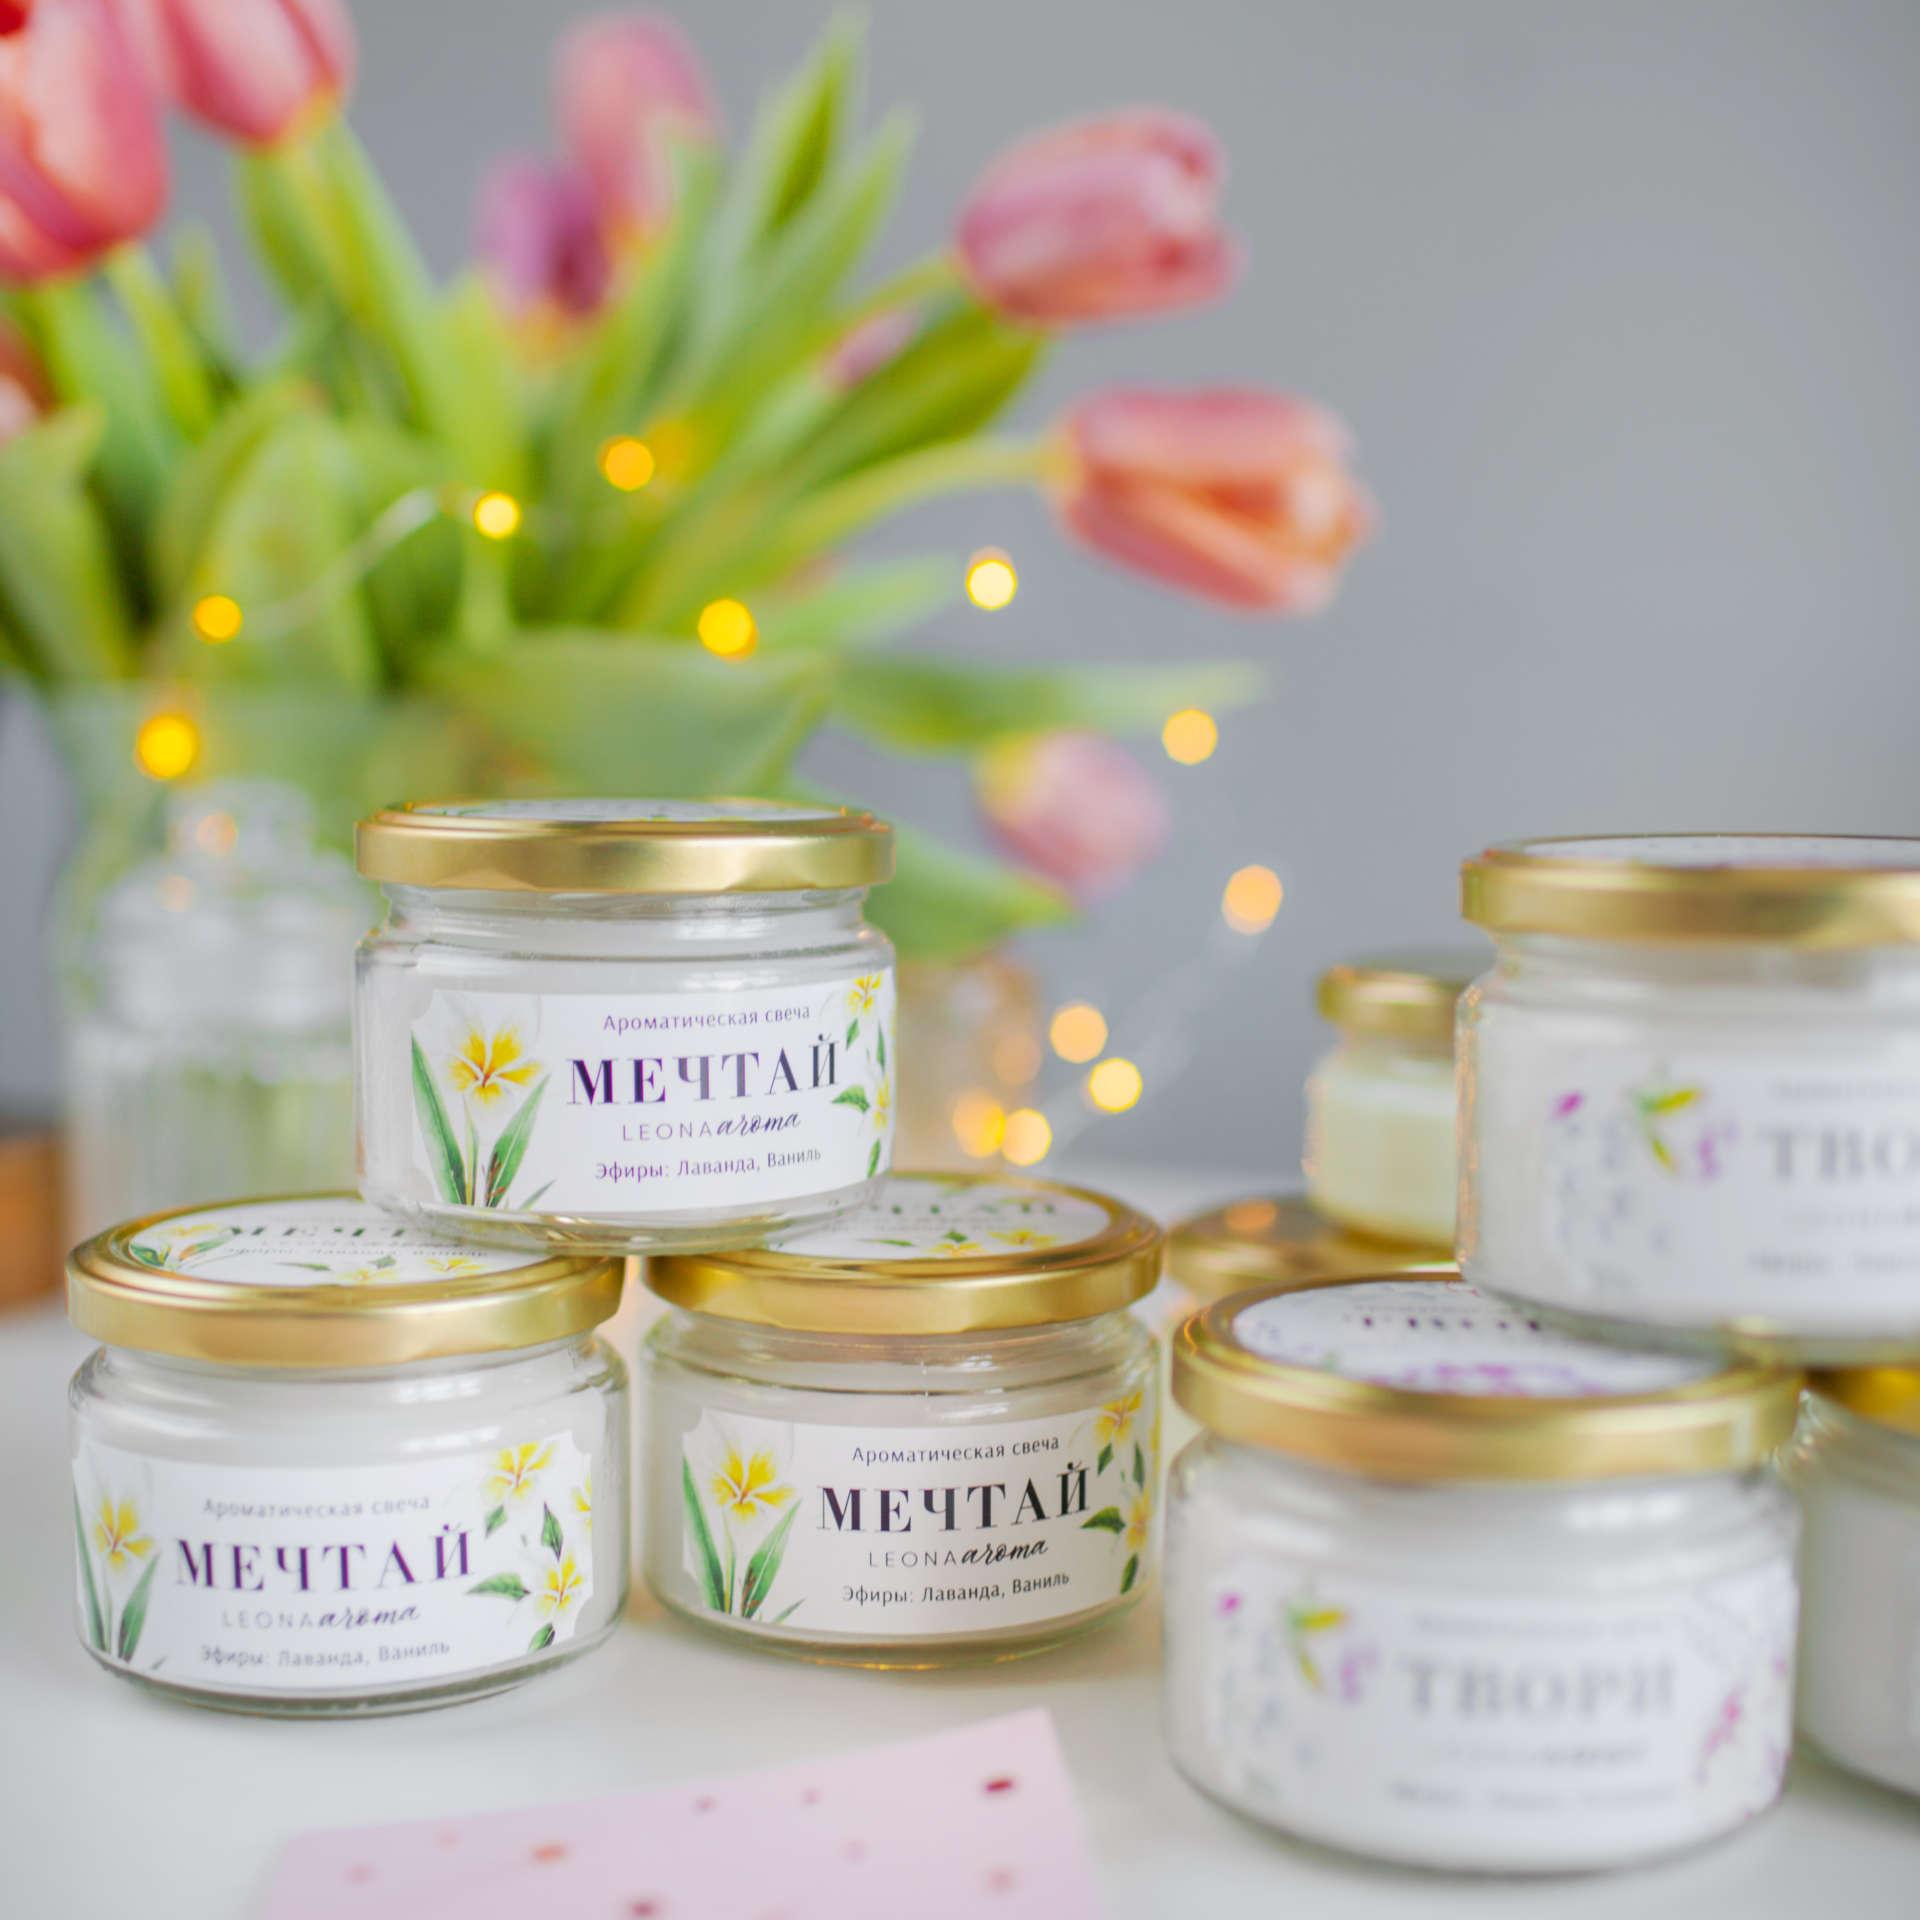 Ароматические и парфюмерные свечи рекомендации